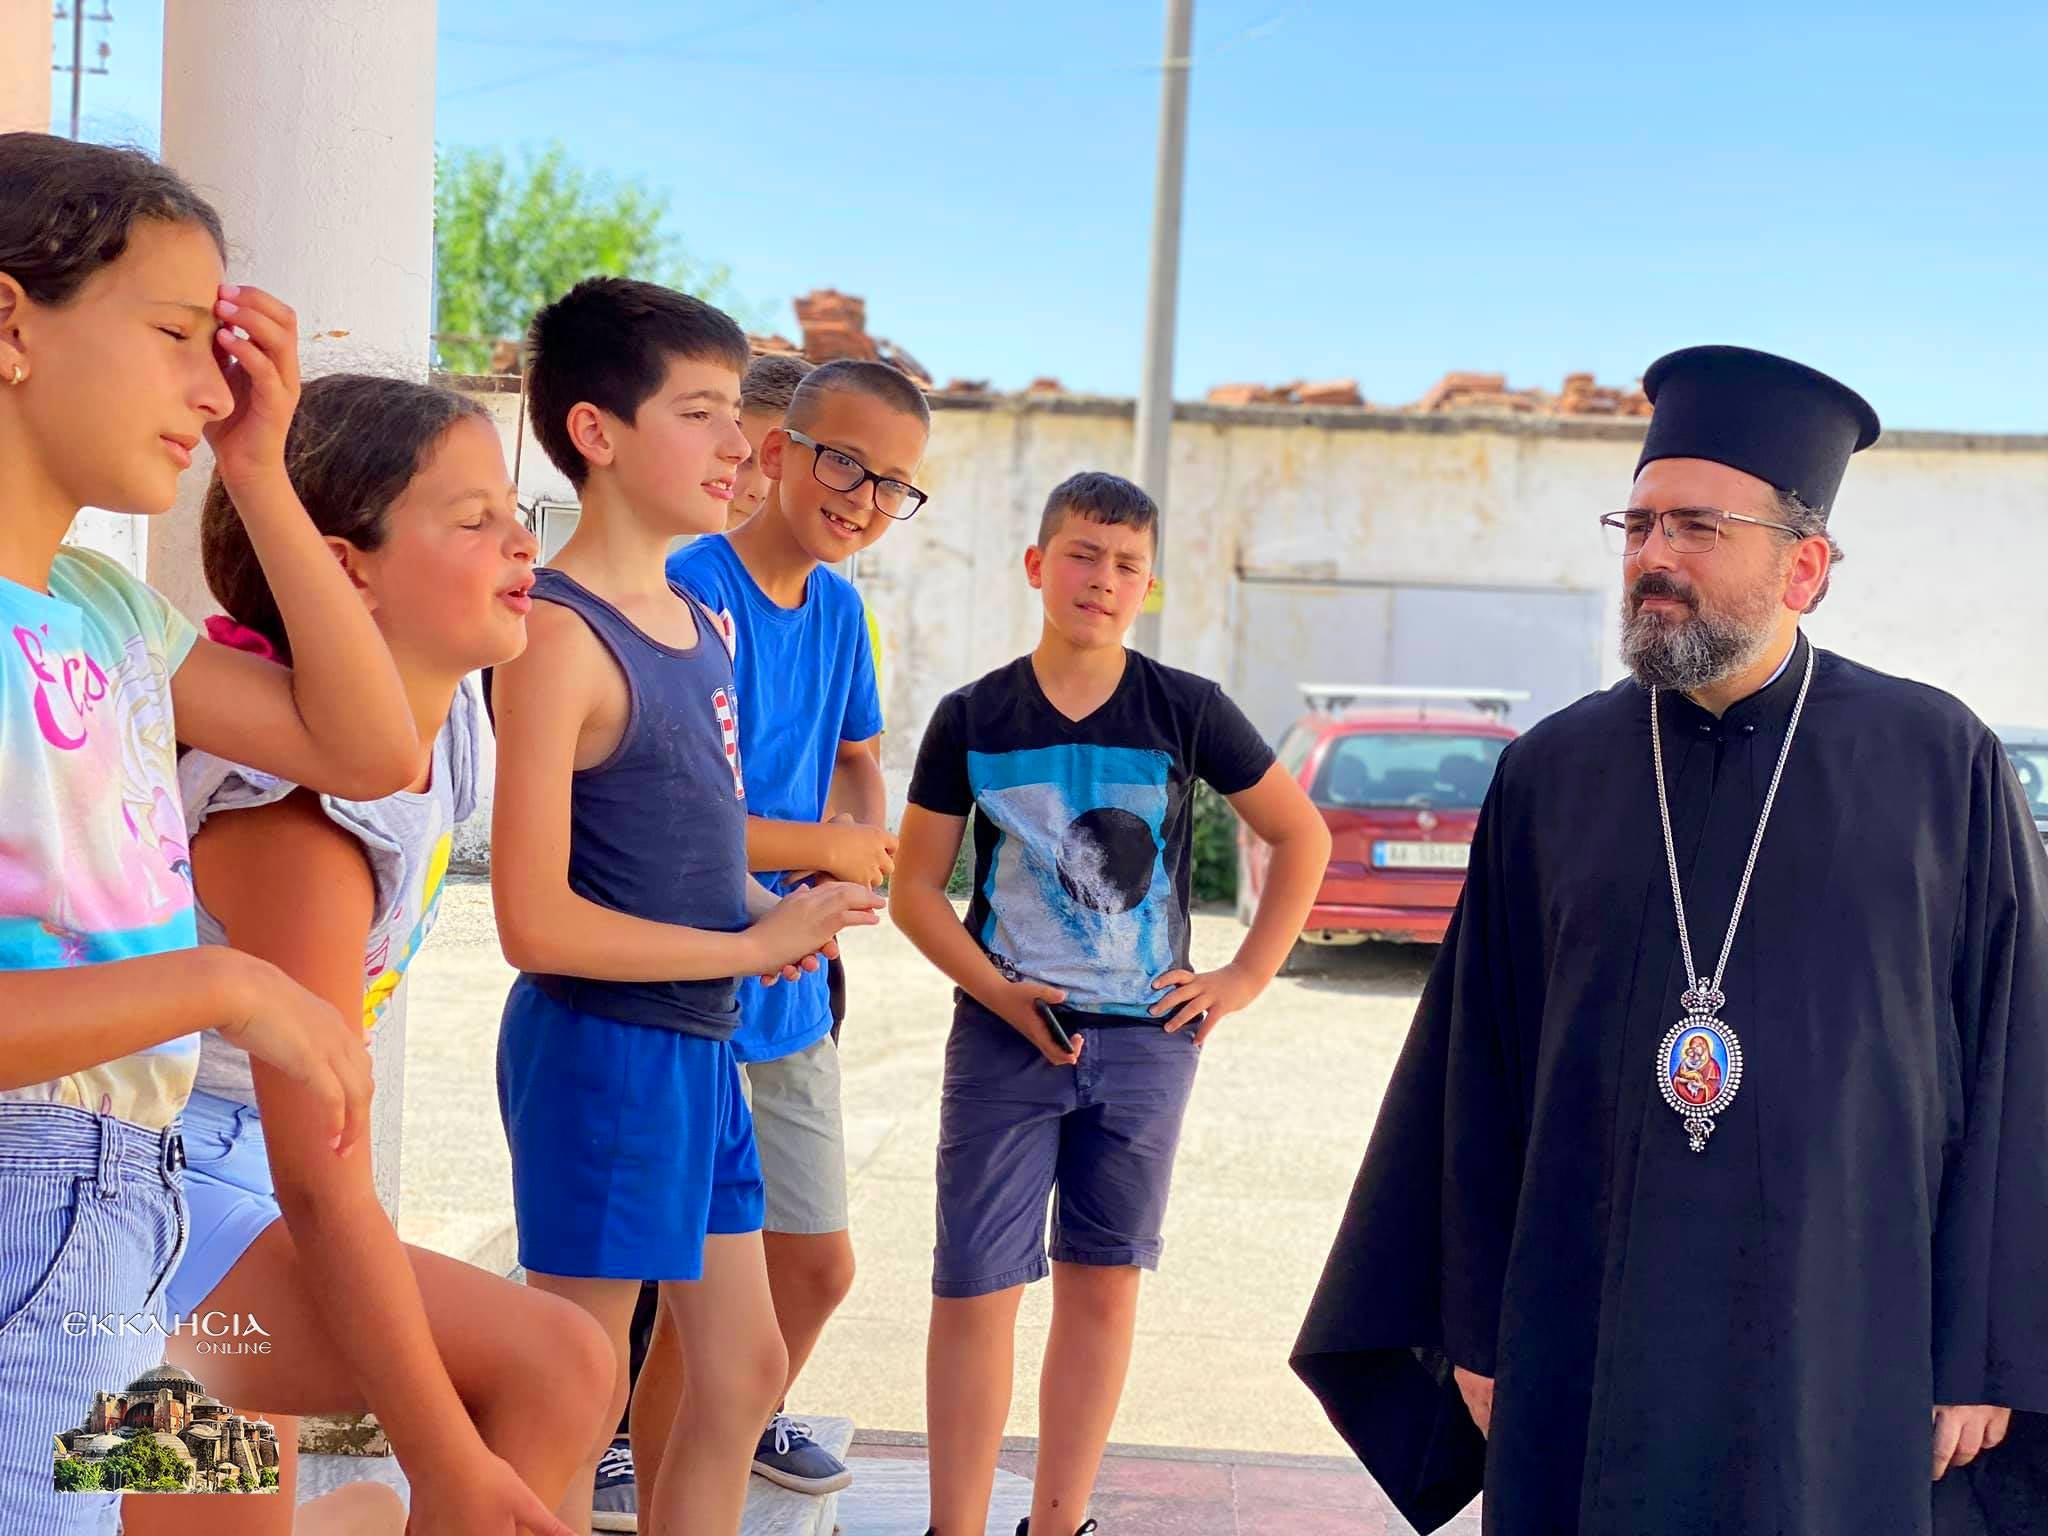 Μητροπολίτης Ελμπασάν Αντώνιος Πεκινίτ Αλβανία